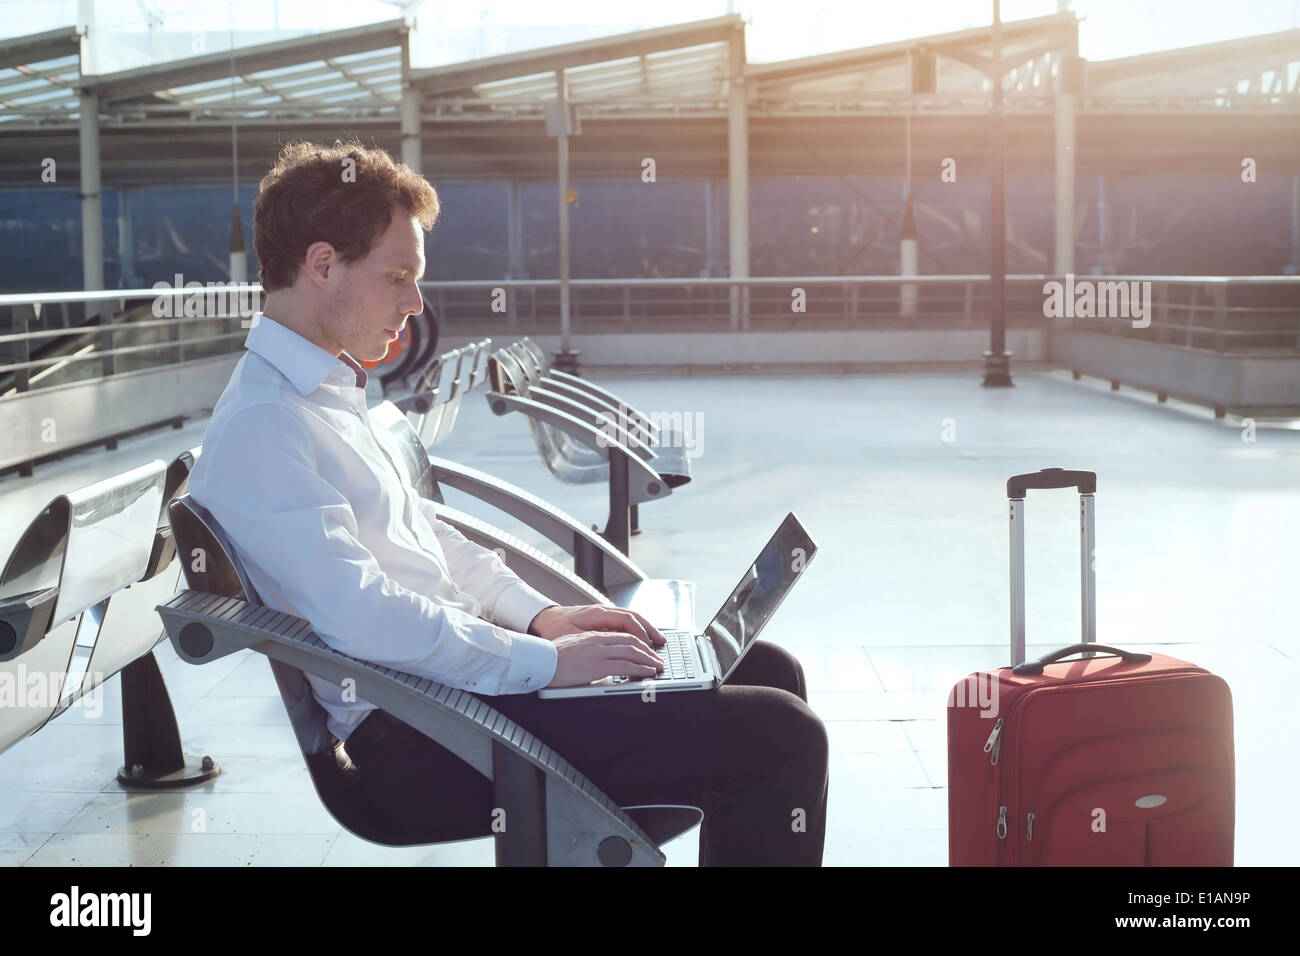 Usando internet en la terminal del aeropuerto Foto de stock